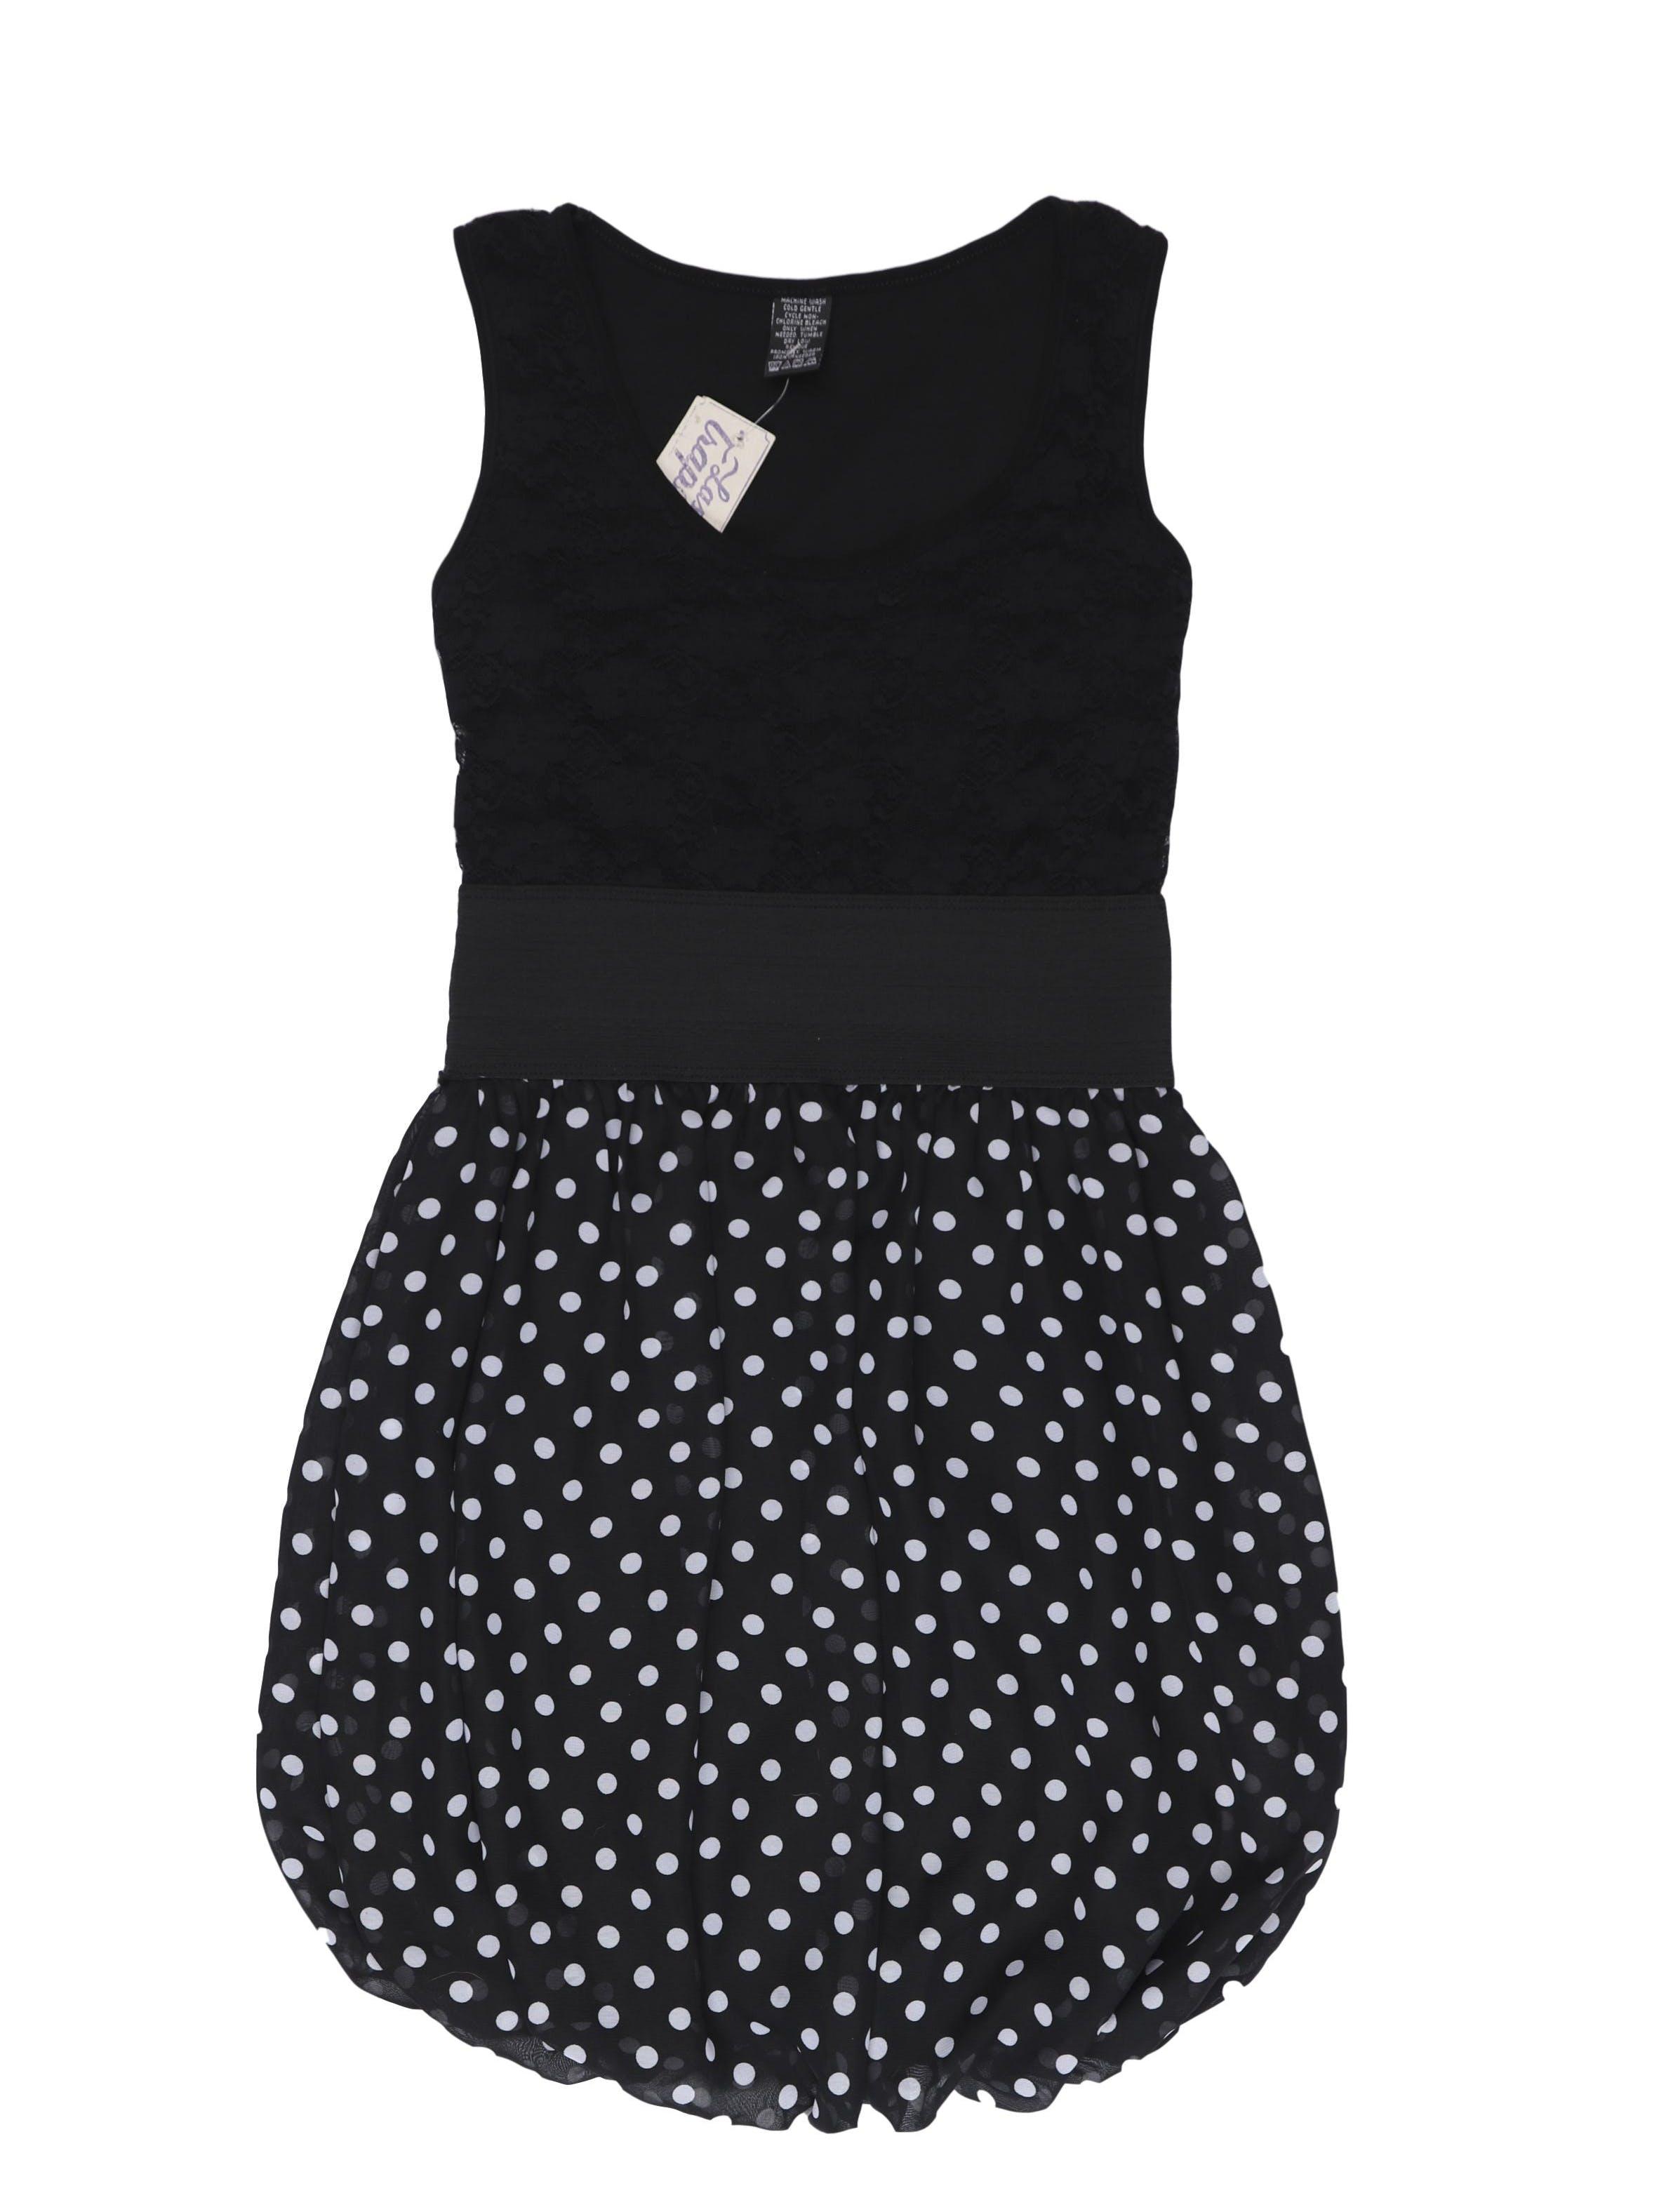 Vestido de encaje negro superior y falda globo de gasa con dots blancos, manga cero, elástico en la cintura y lleva forro. Largo 75cm